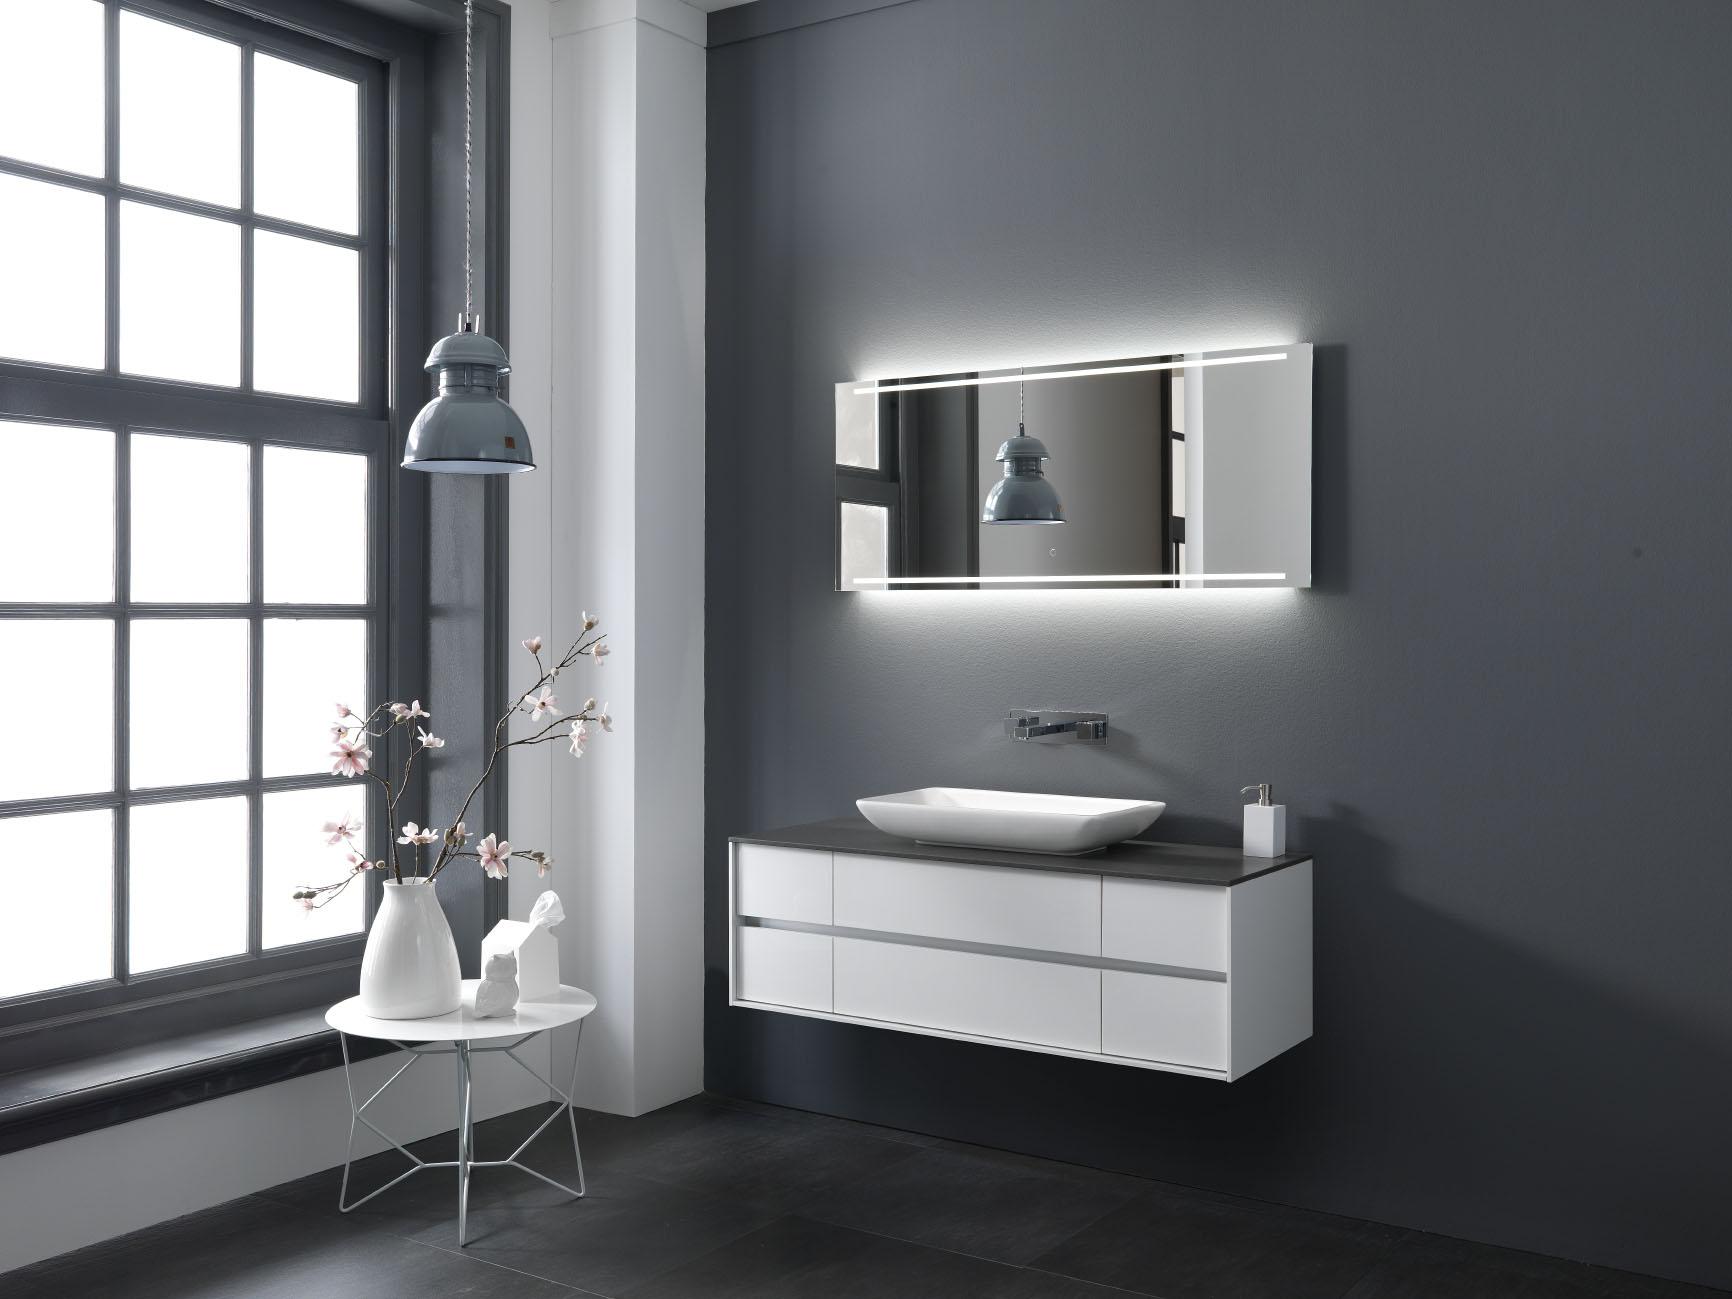 Strak en modern kremer keukens showroom opruiming - Mooie moderne badkamer ...